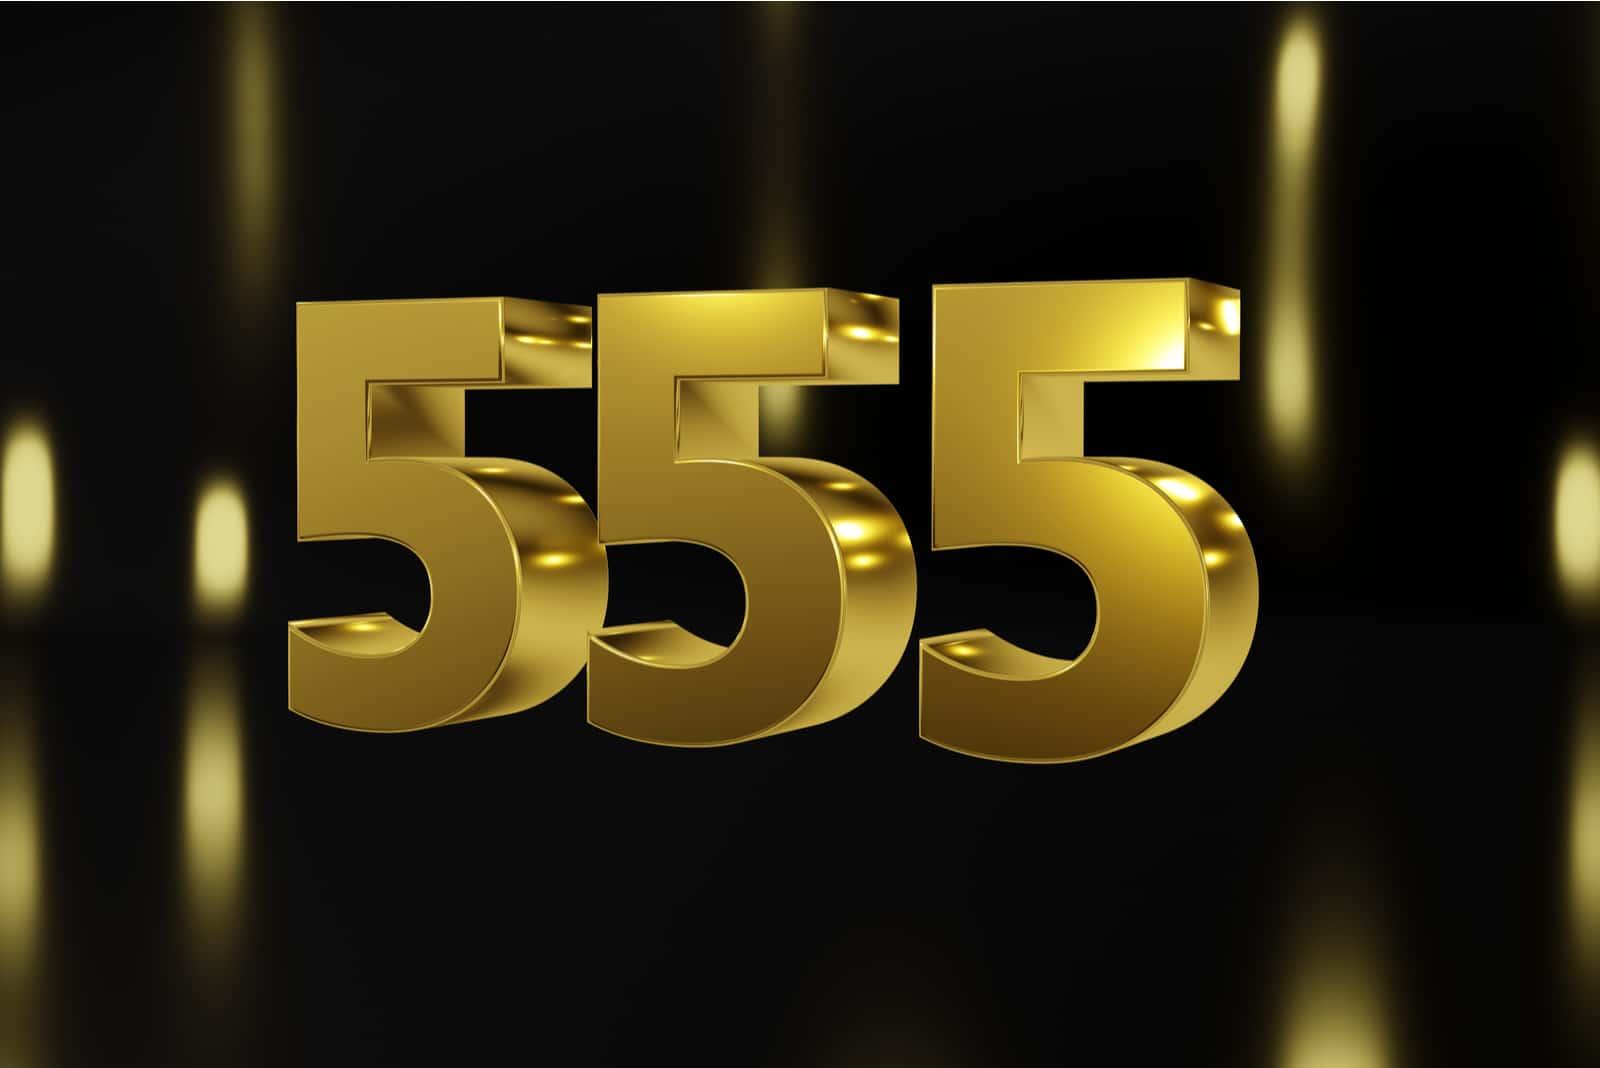 numéro 555 sur fond noir